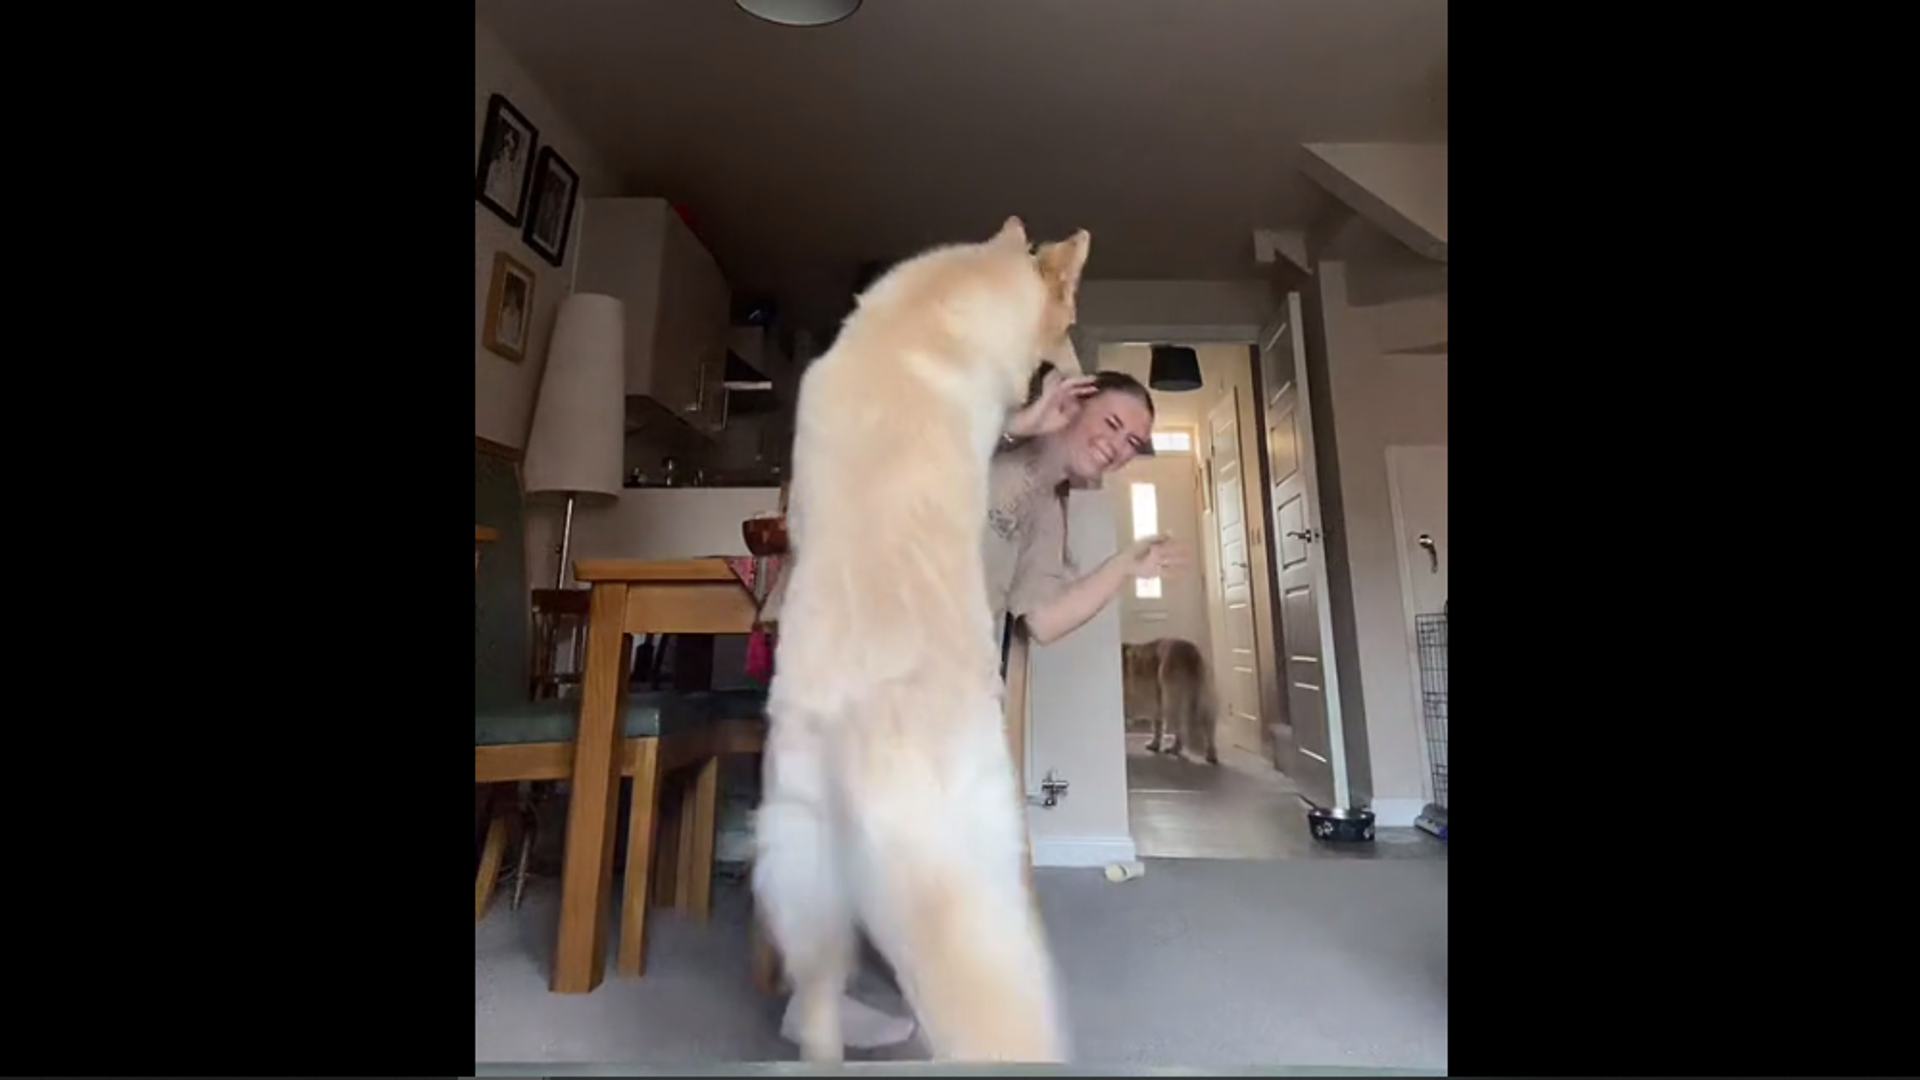 Девушка станцевала на камеру перед псом-критиком, и он выдал вердикт – смешное видео - Sputnik Грузия, 1920, 05.10.2021